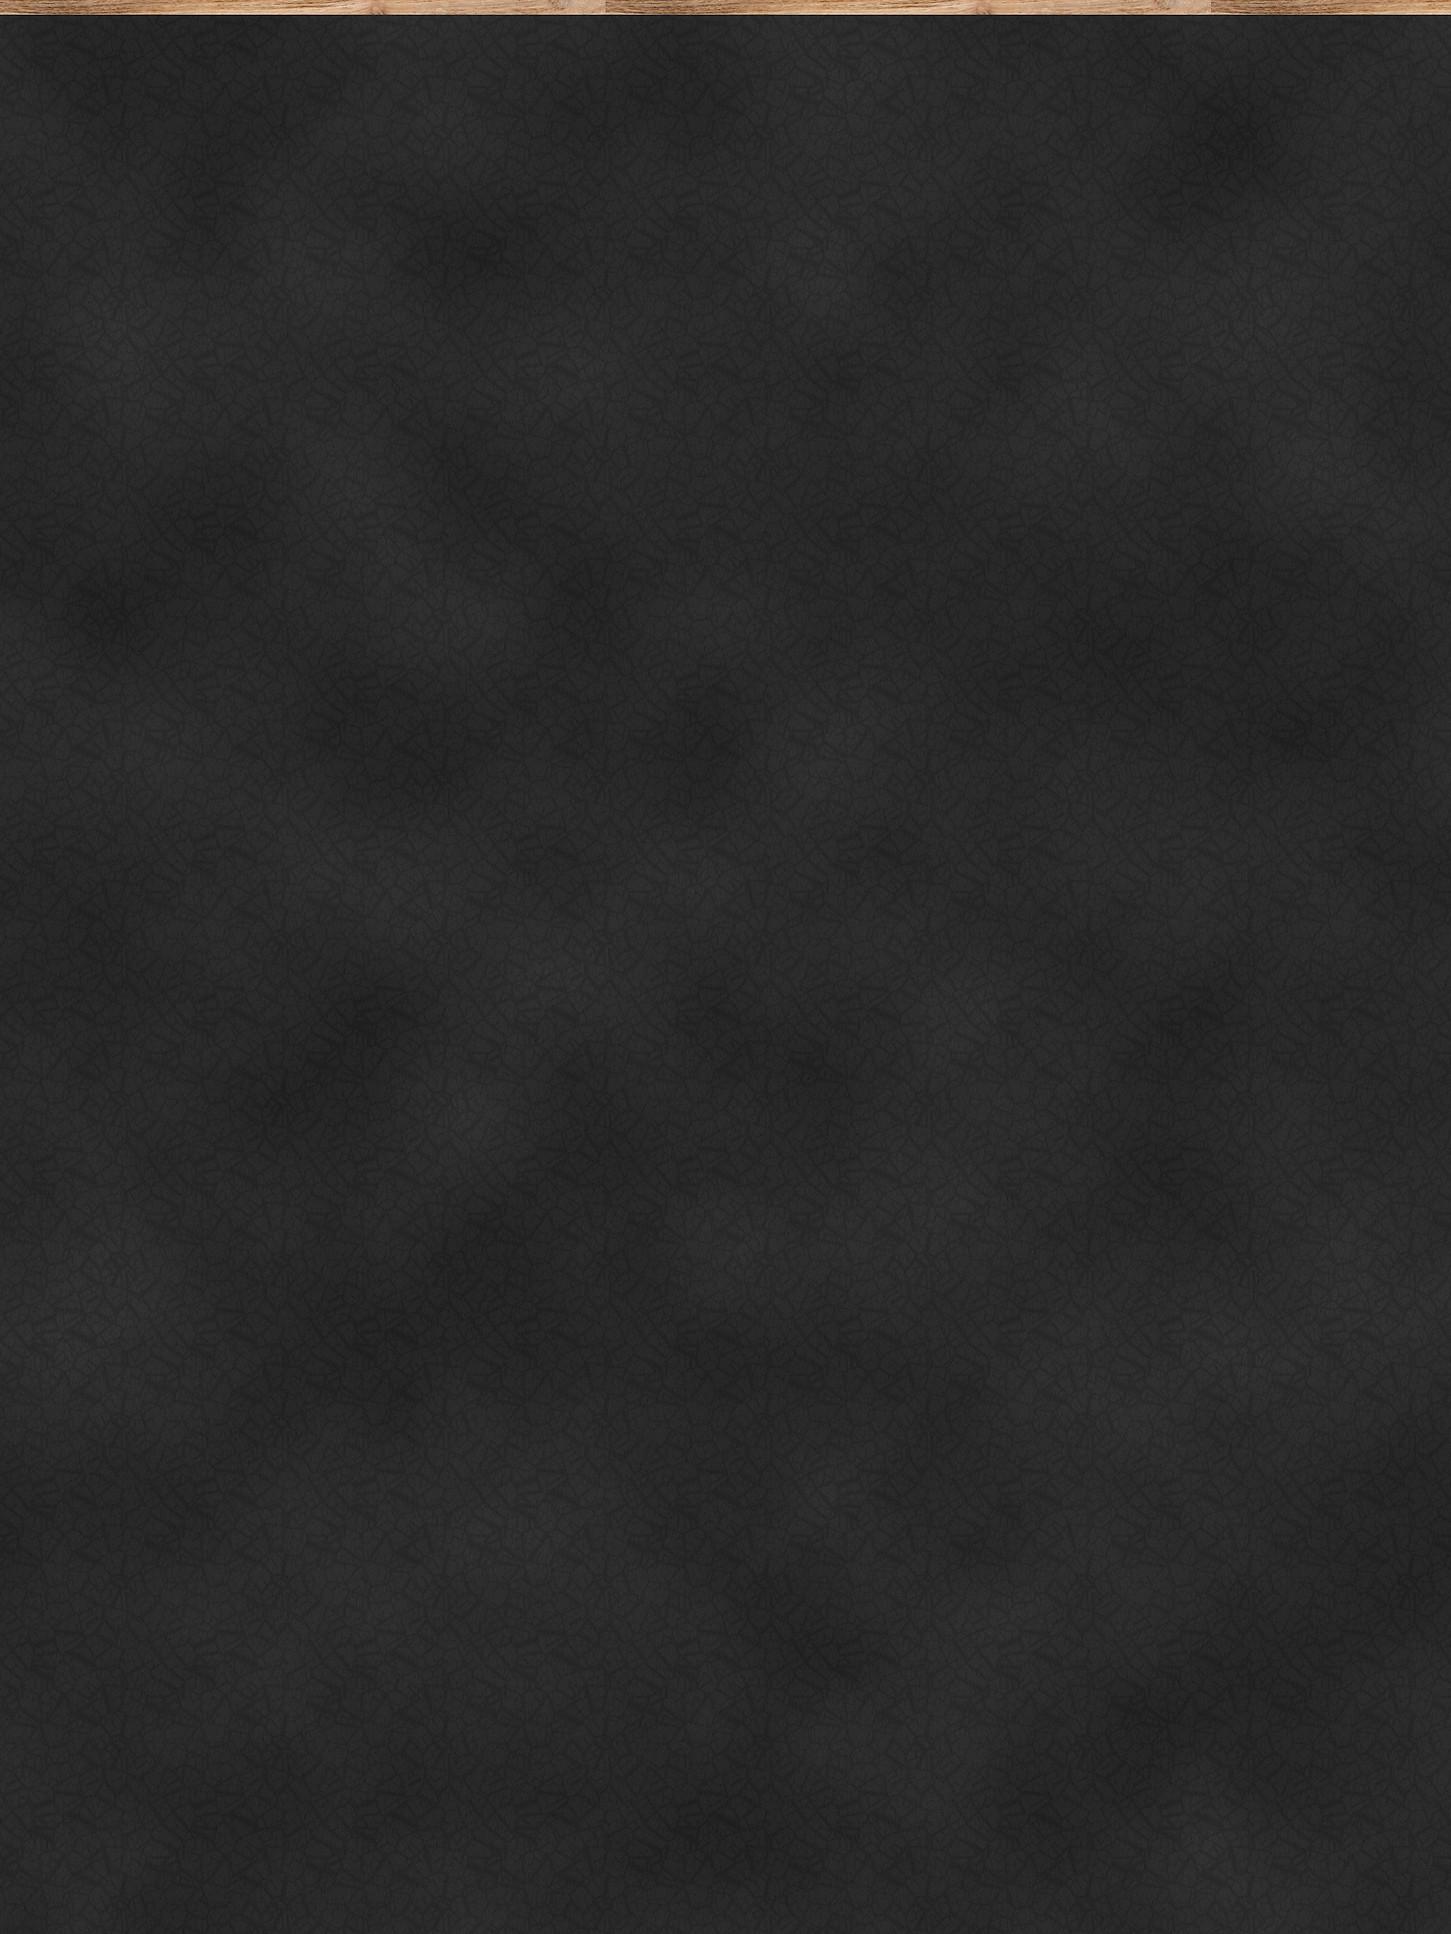 黒カバー_l.jpg